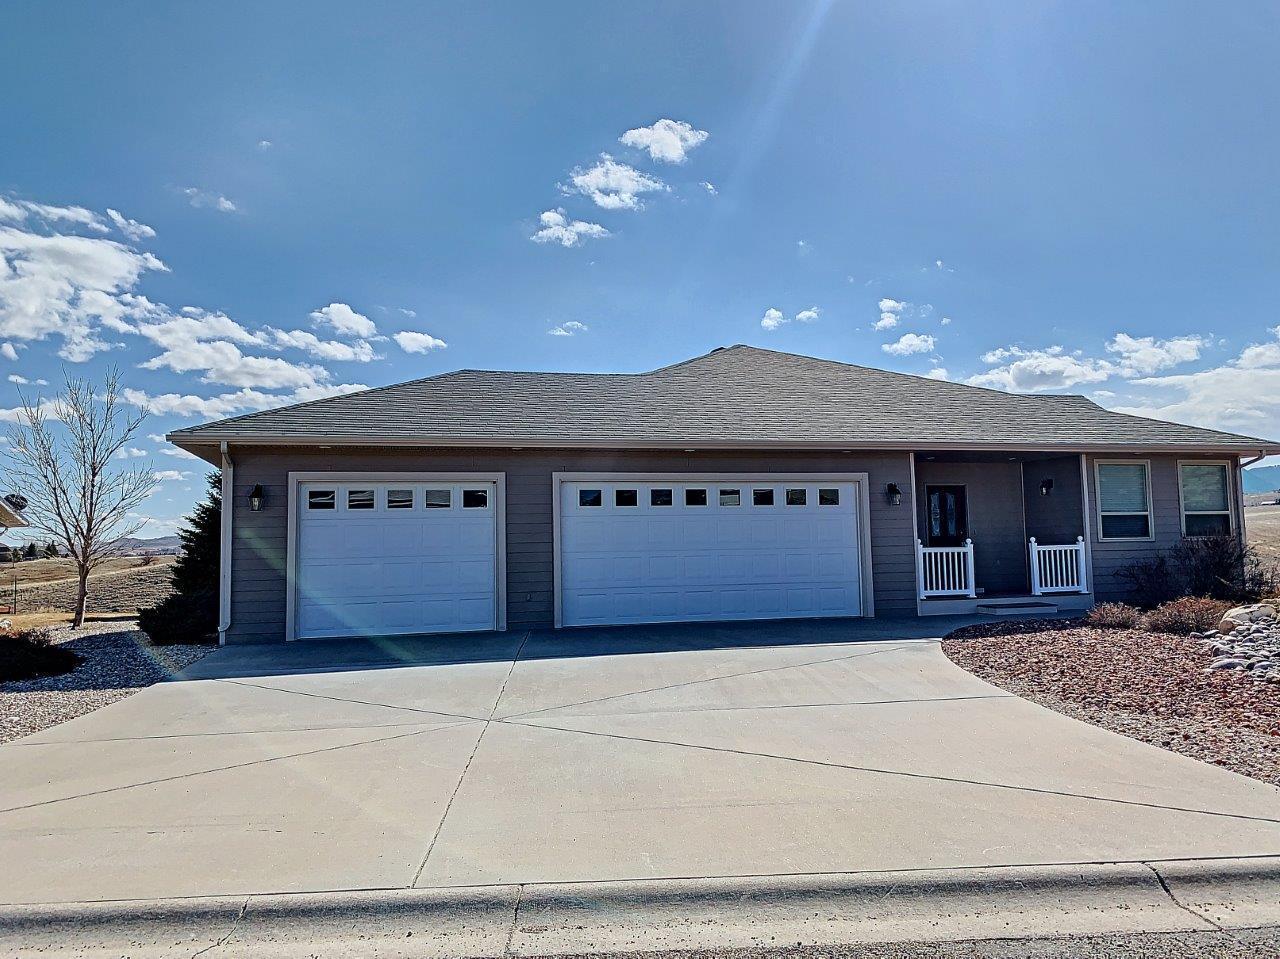 585 S Pinnacle Drive, Buffalo, Wyoming 82834, 4 Bedrooms Bedrooms, ,3 BathroomsBathrooms,Residential,For Sale,Pinnacle,19-282